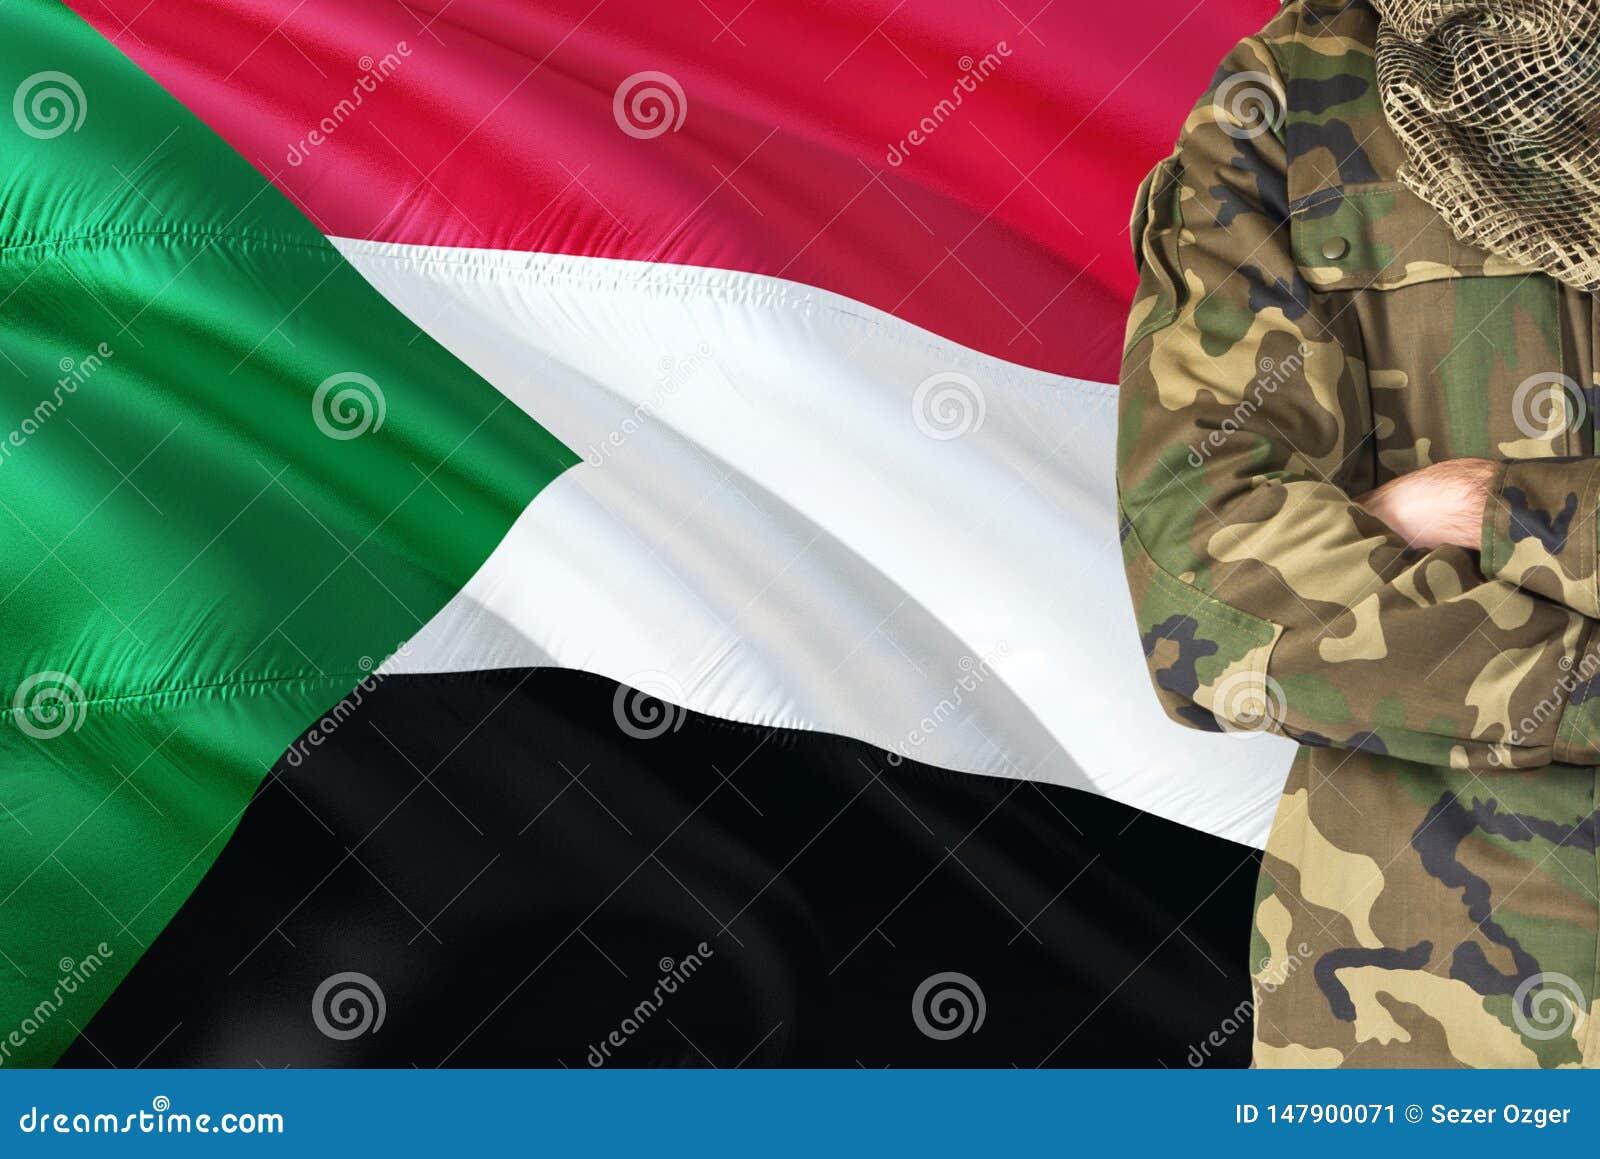 Soldato sudanese attraversato di armi con la bandiera d ondeggiamento nazionale su fondo - tema militare del Sudan